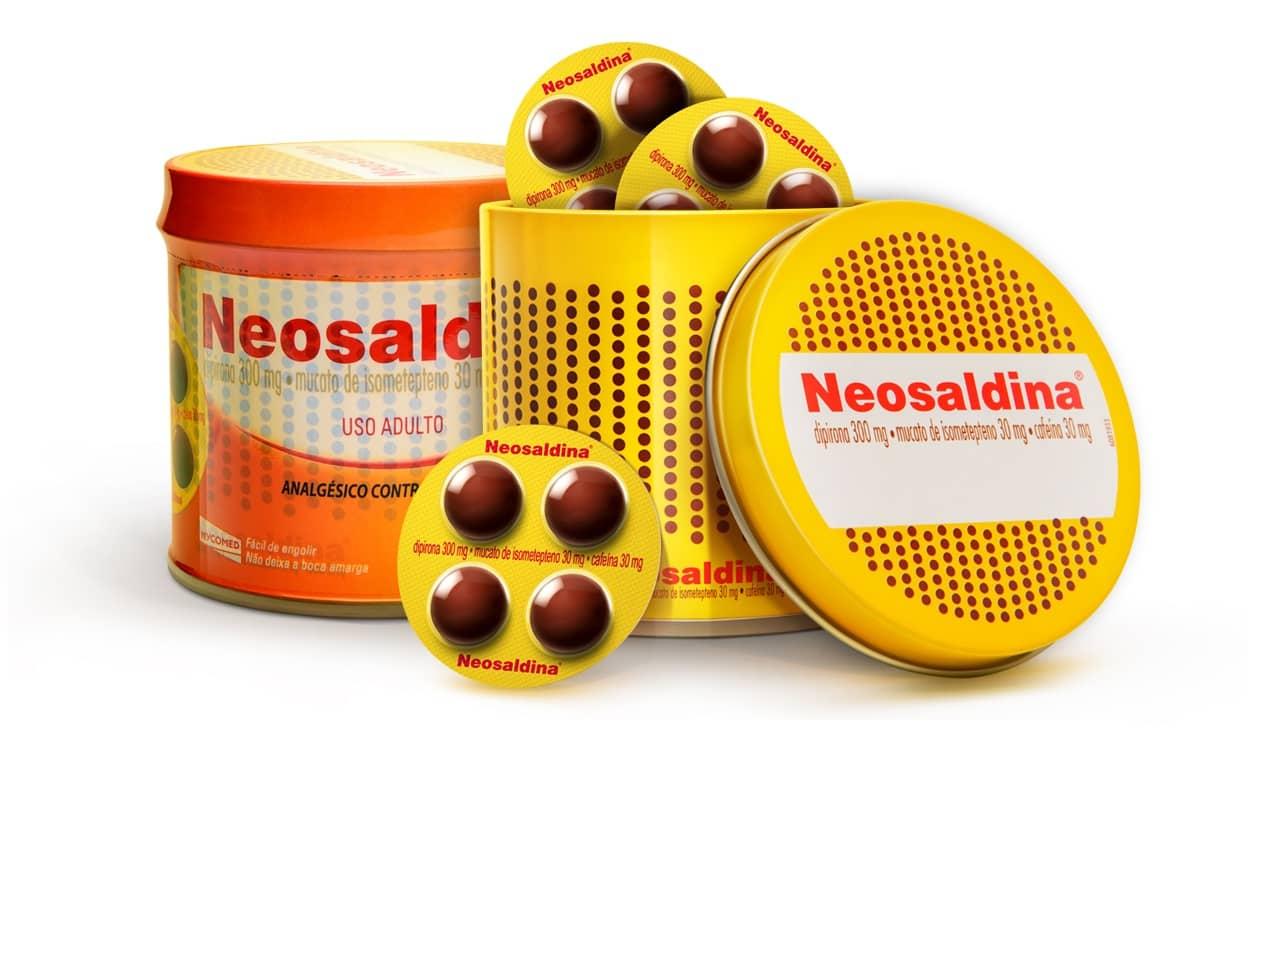 Lata-Neosaldina